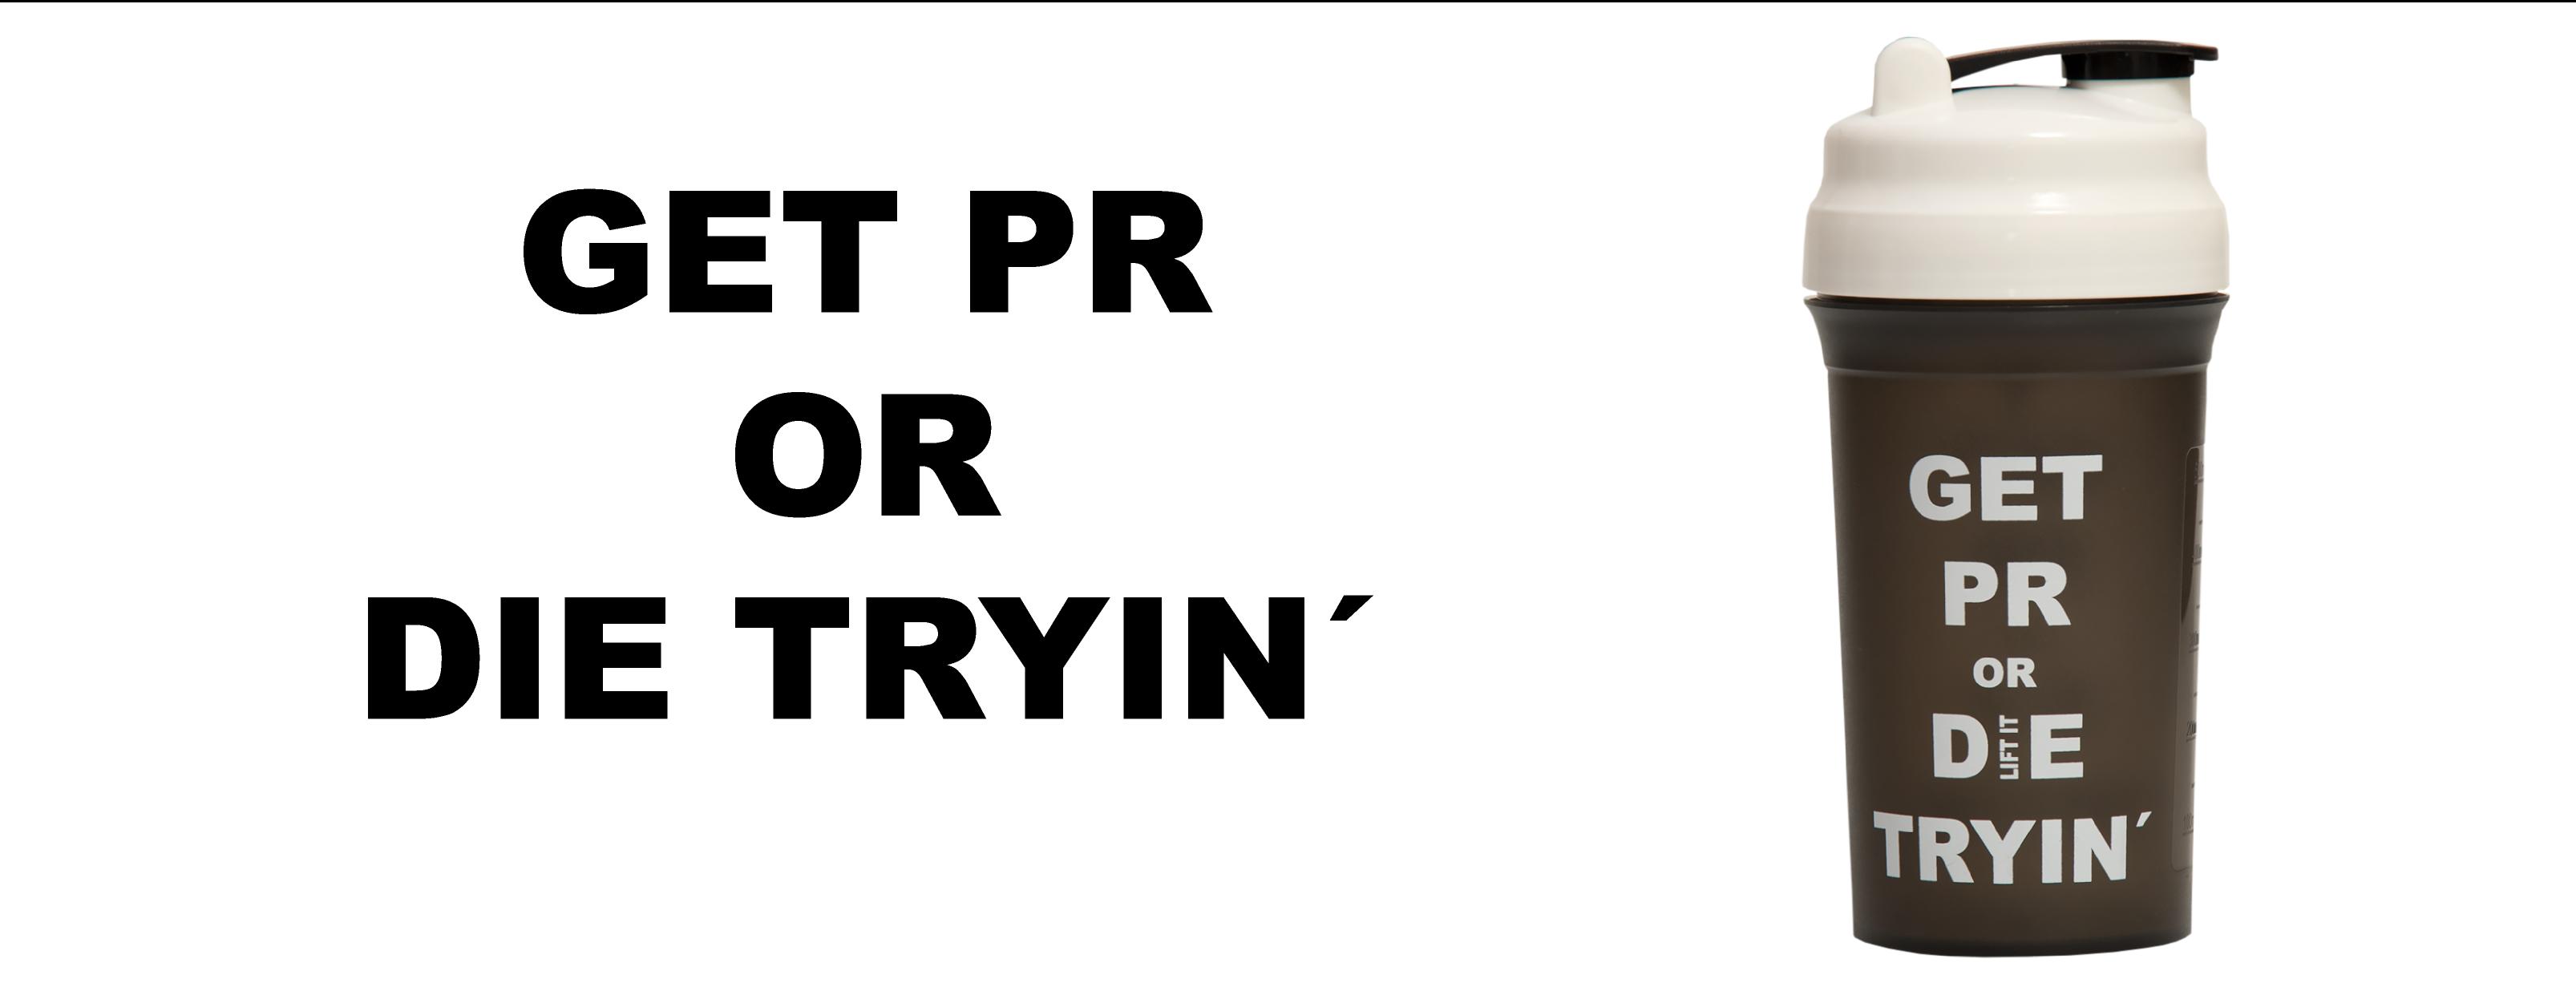 get pr